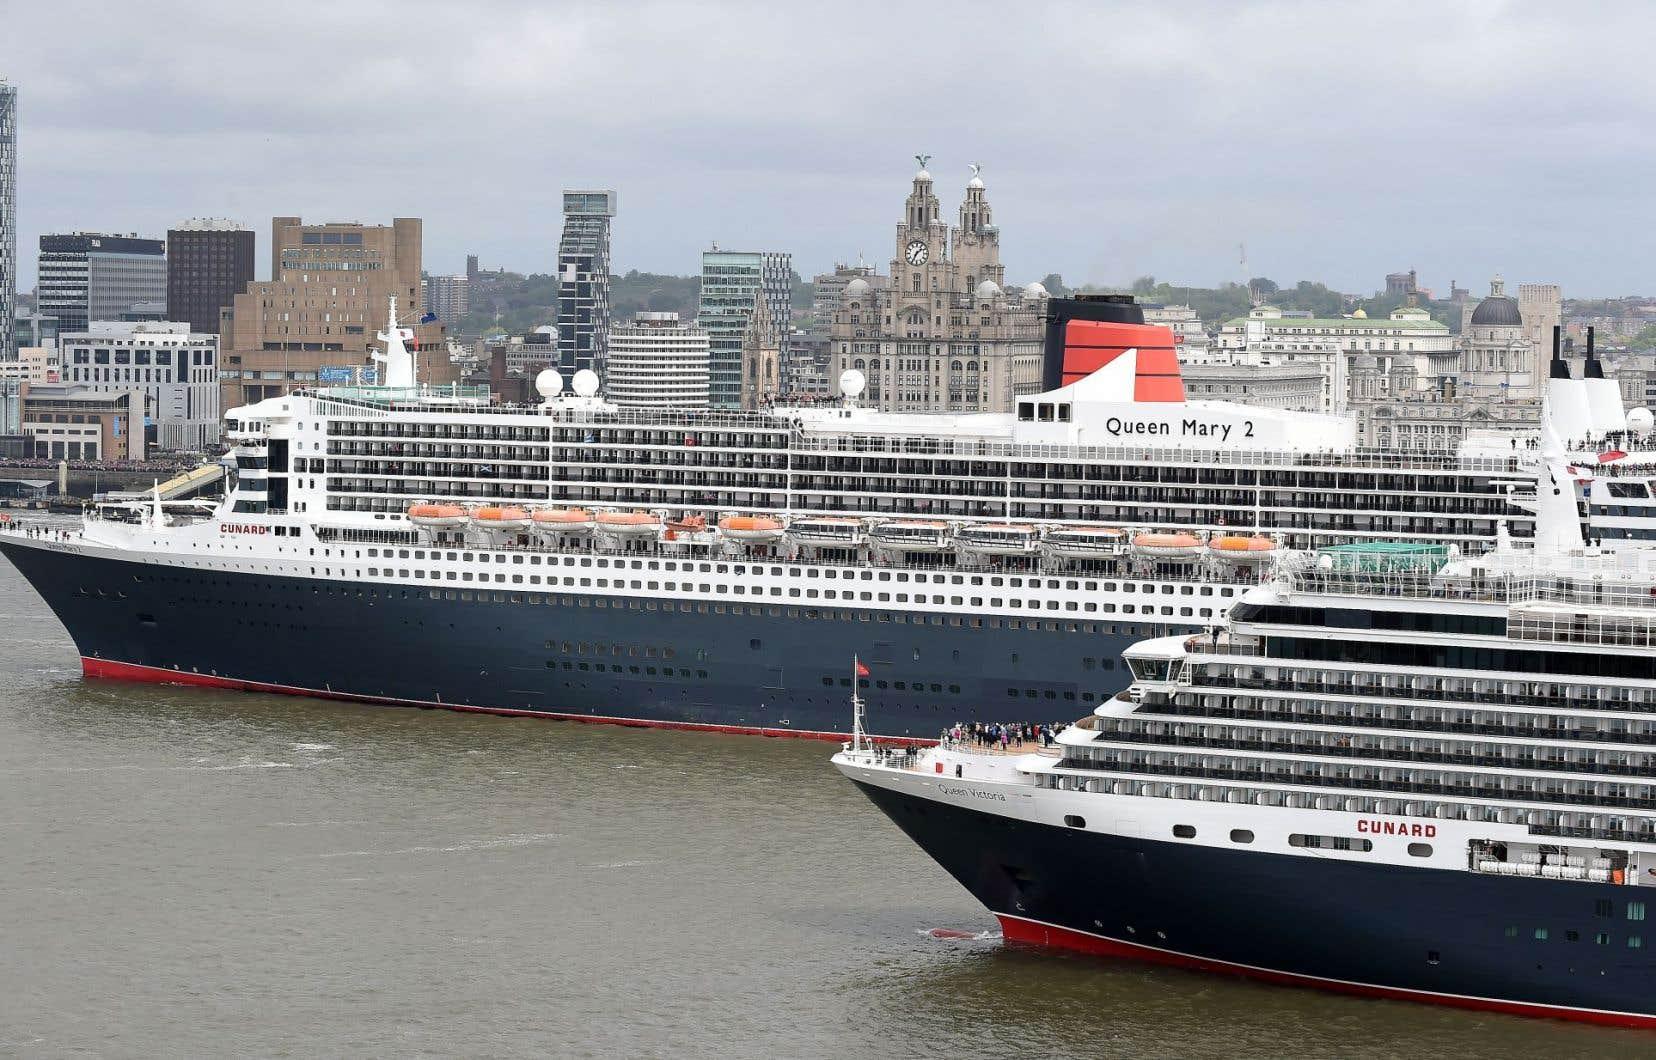 Un bateau de croisière sur le fleuve Mersey à Liverpool, dans le nord-ouest de l'Angleterre.